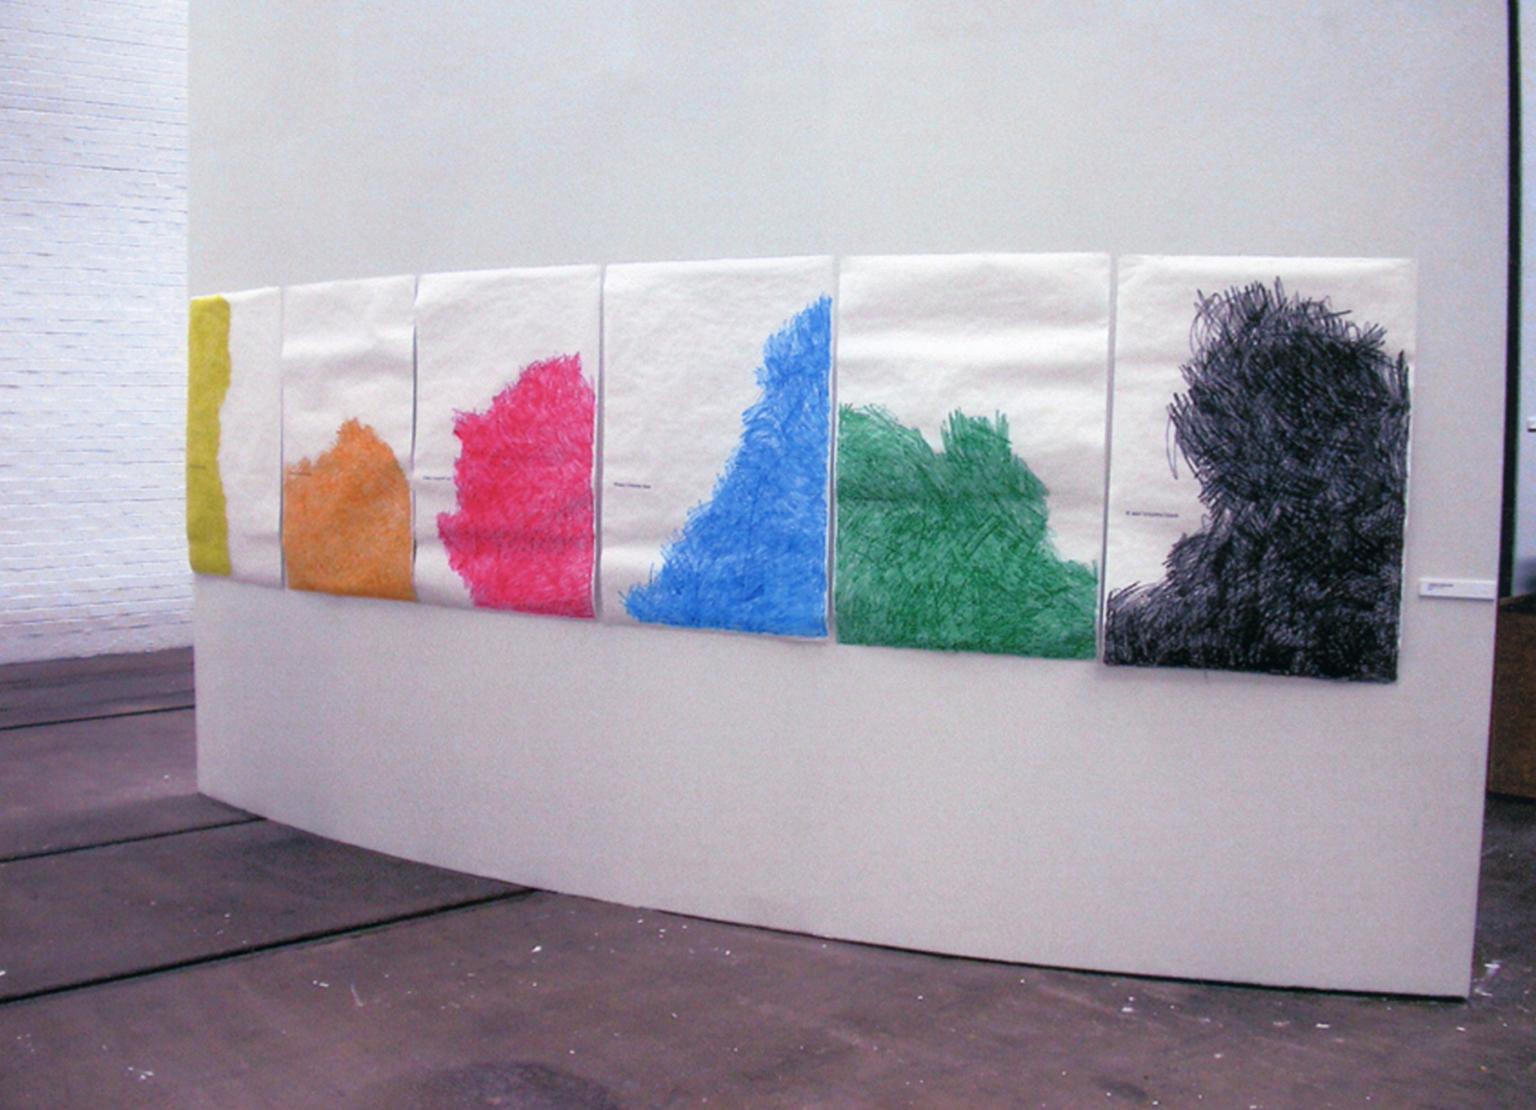 Six Wax Crayons, 2002, Tramway.